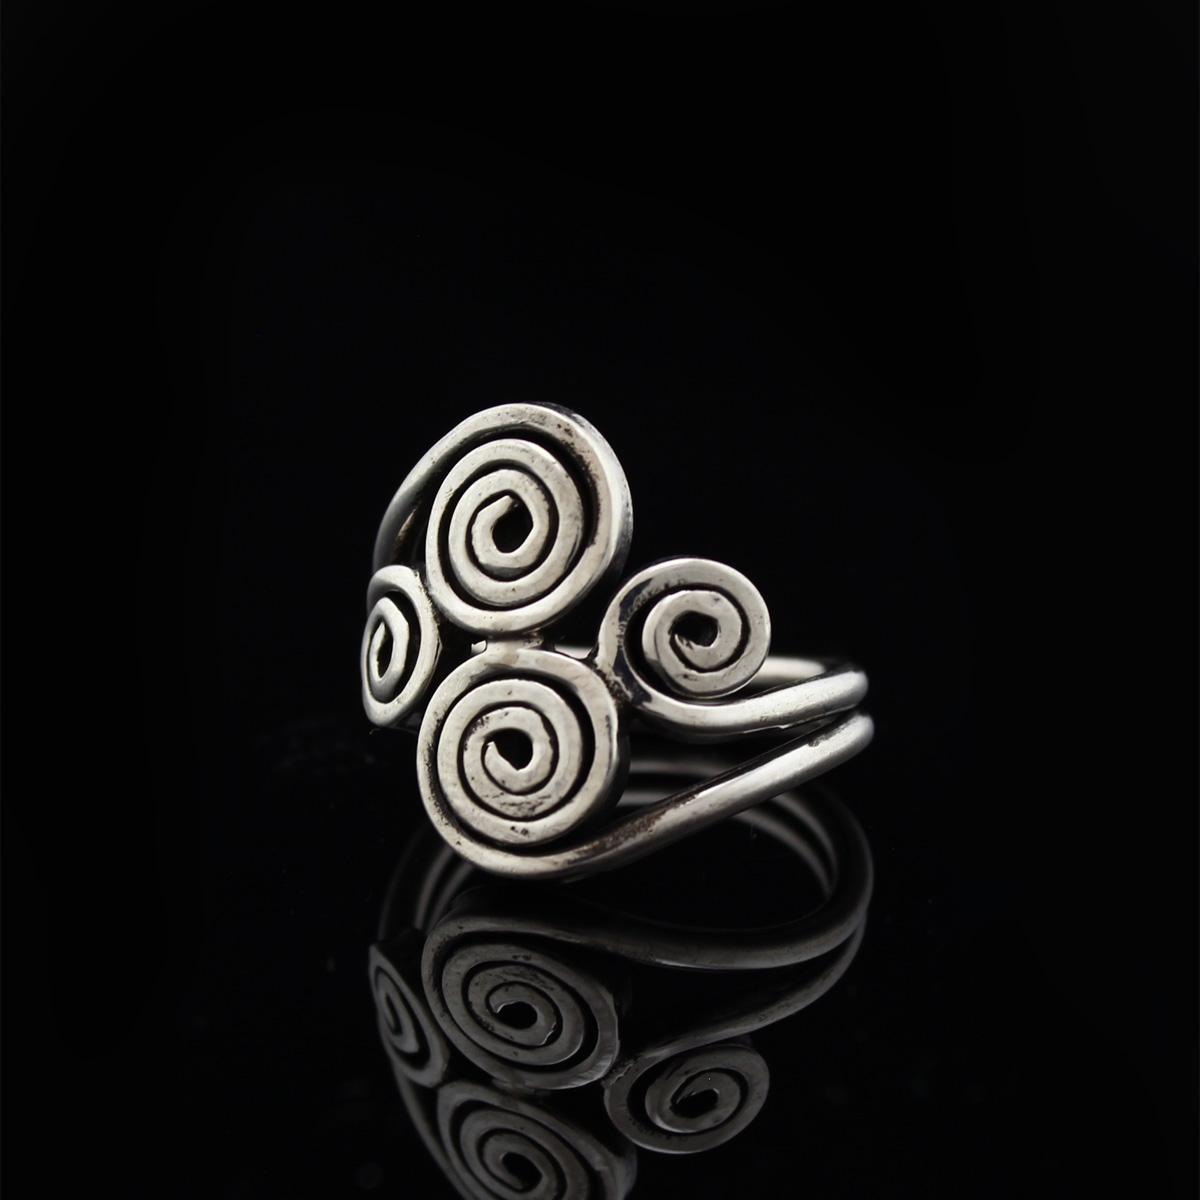 Кольцо, серебро, 8.0 г, проба 875, размер 18.5